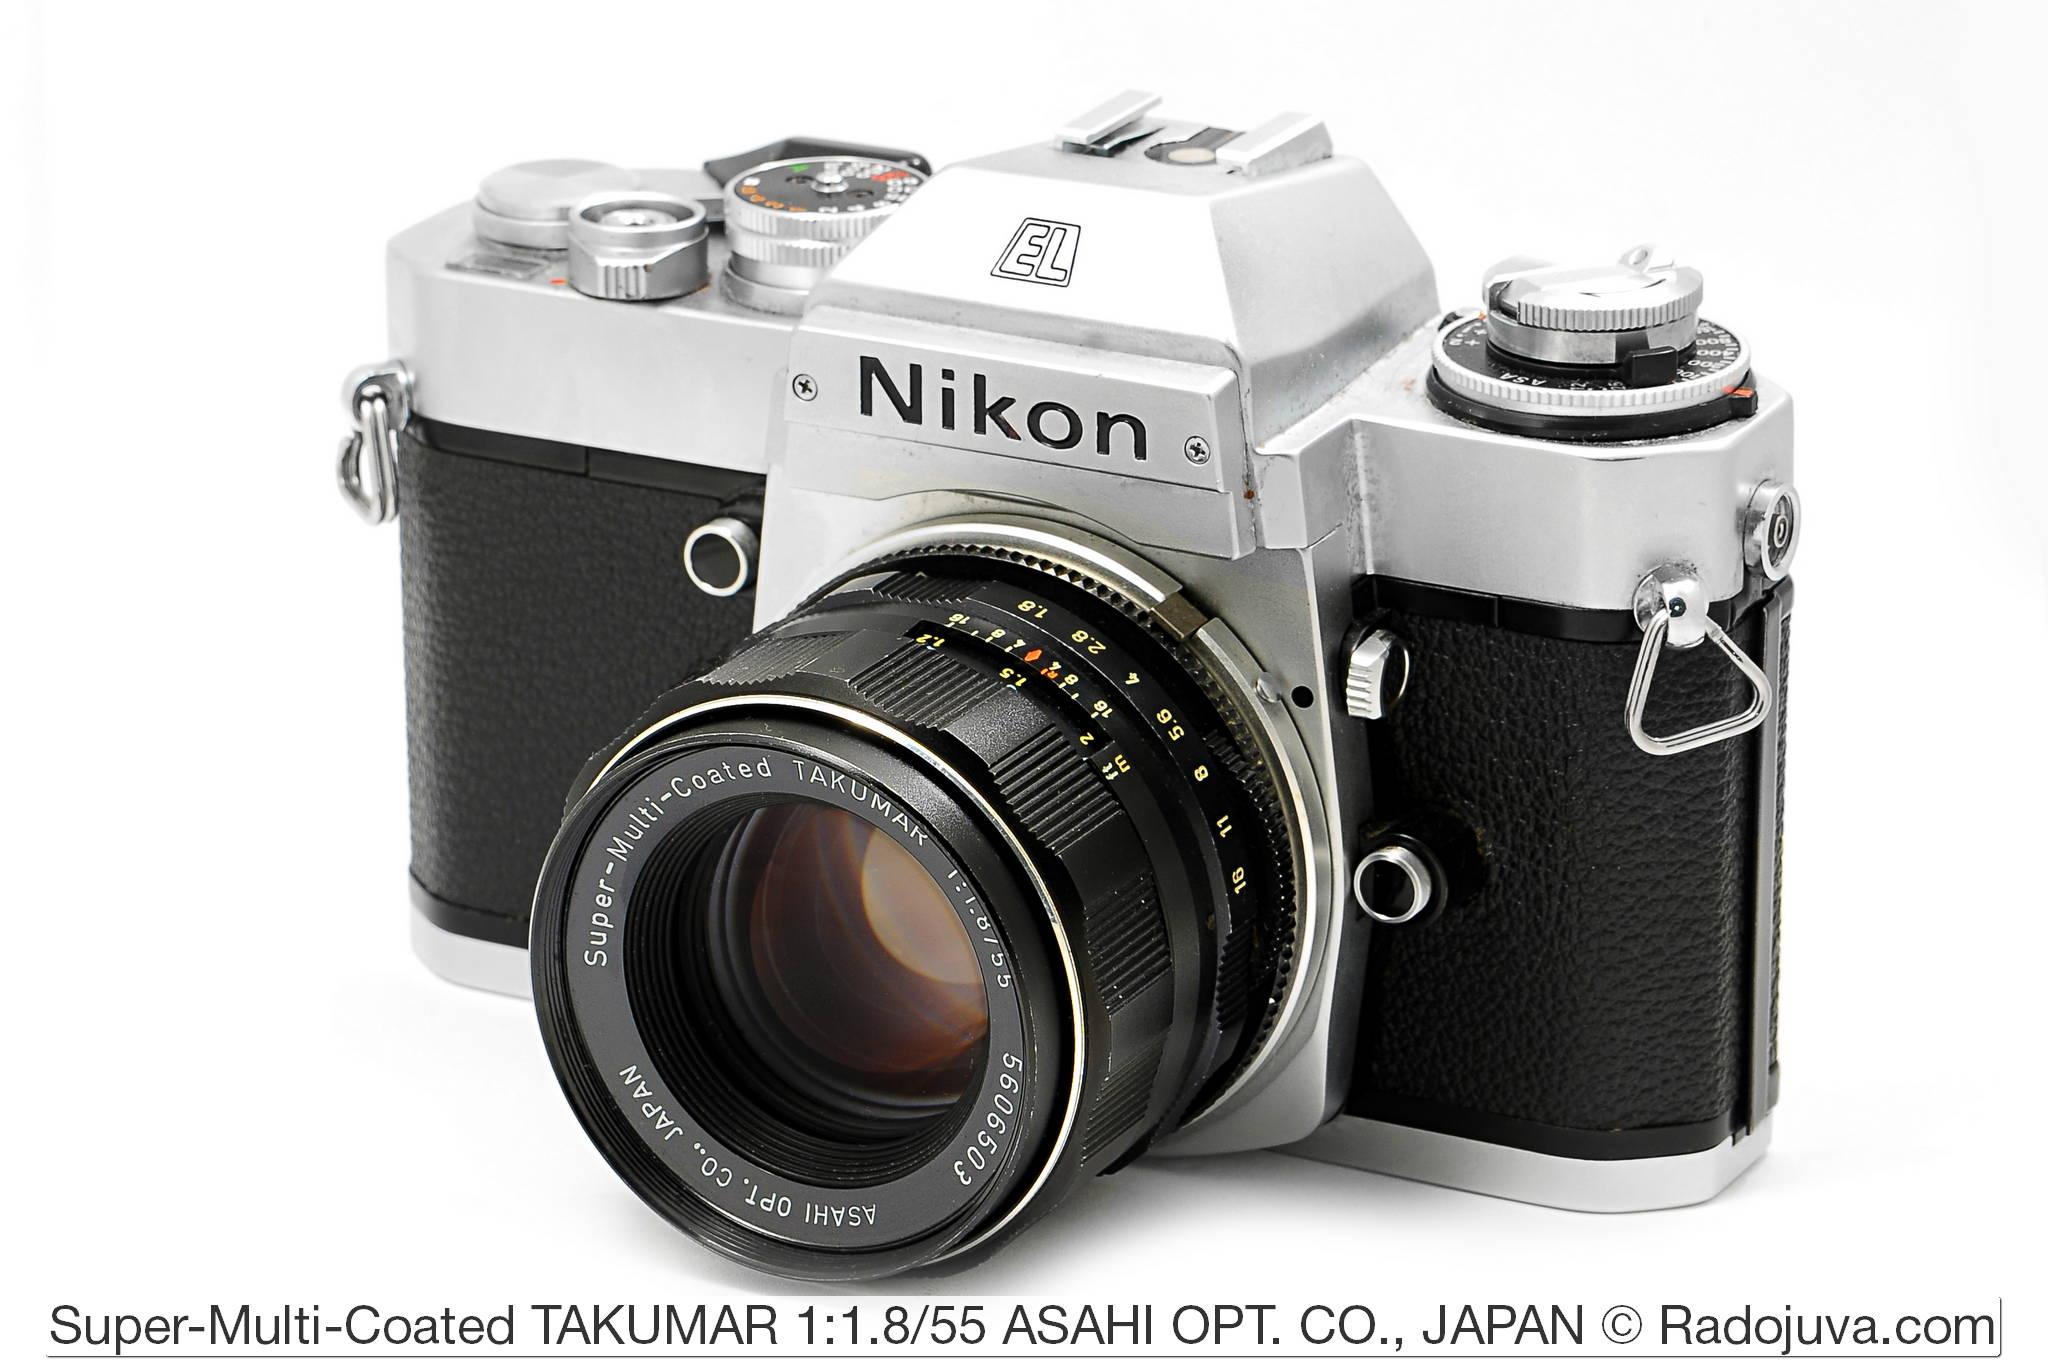 Super-Multi-Coated TAKUMAR 1: 1.8 / 55 ASAHI OPT. CO., JAPAN